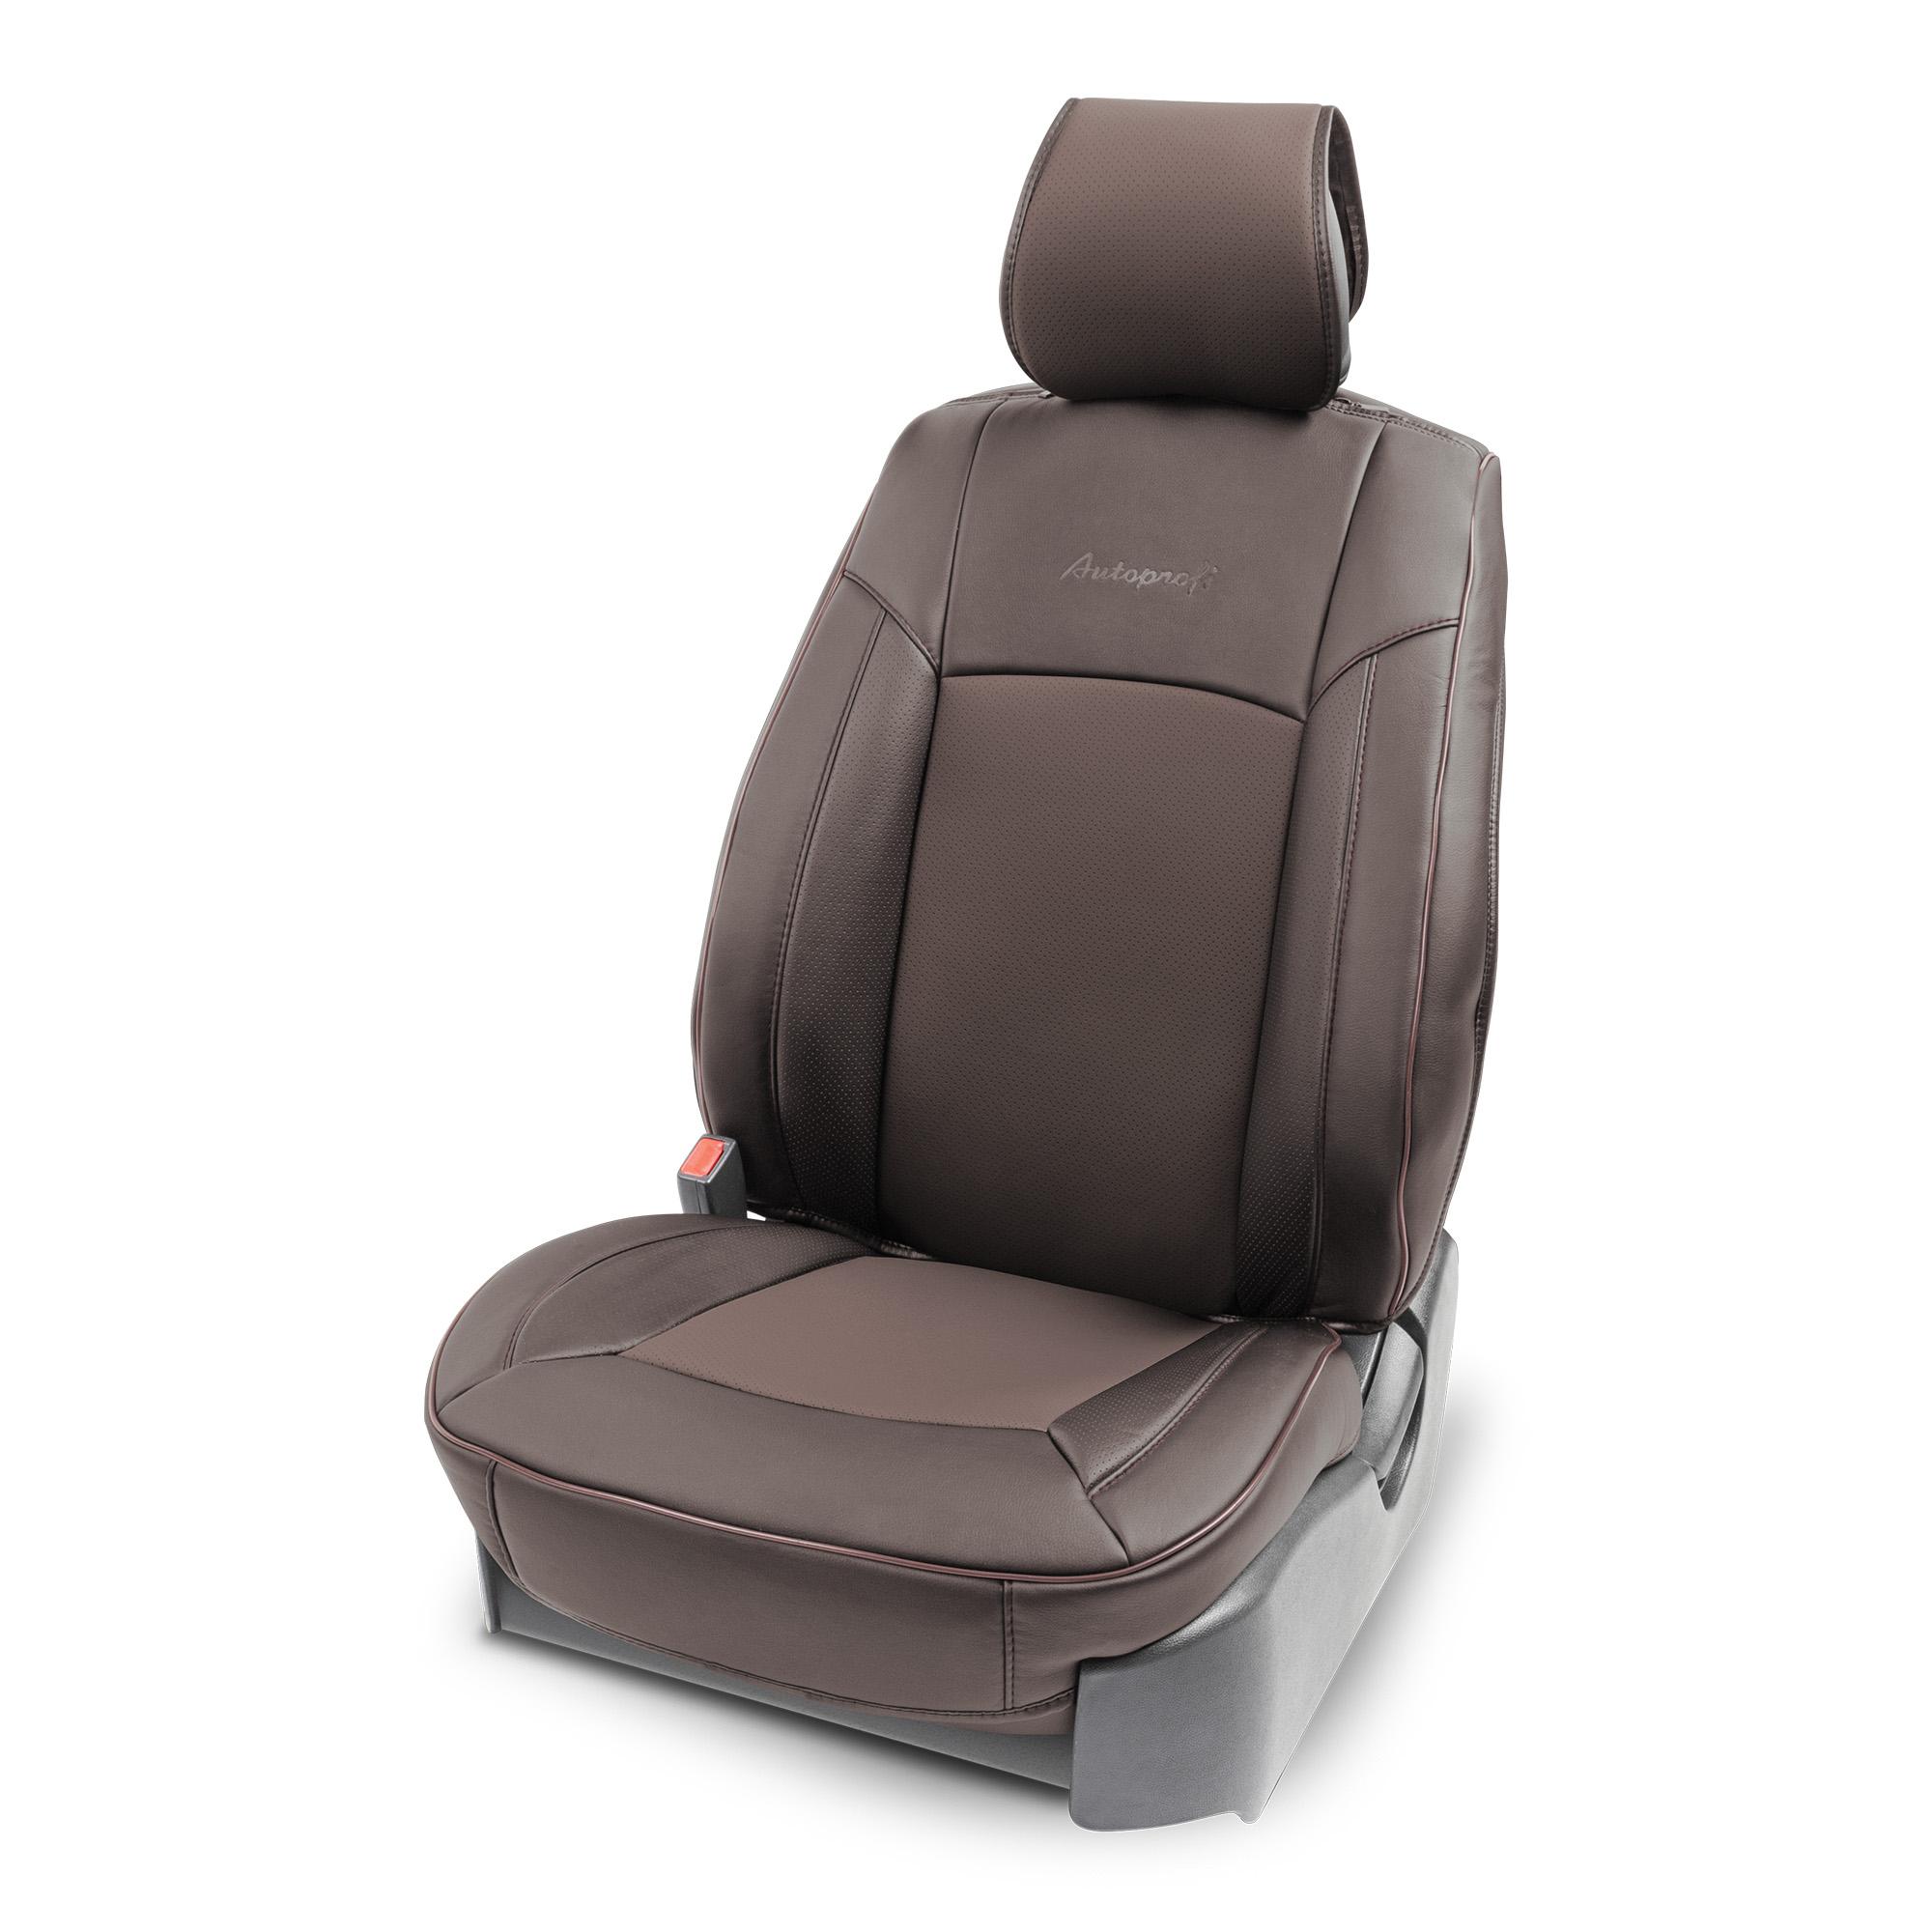 Накидка на сиденье каркасная AUTOPROFI экокожа HIT-310G BR autoprofi автомобильные чехлы trz для фургонов полиэстер жаккард 7 предметов trz 702steel im